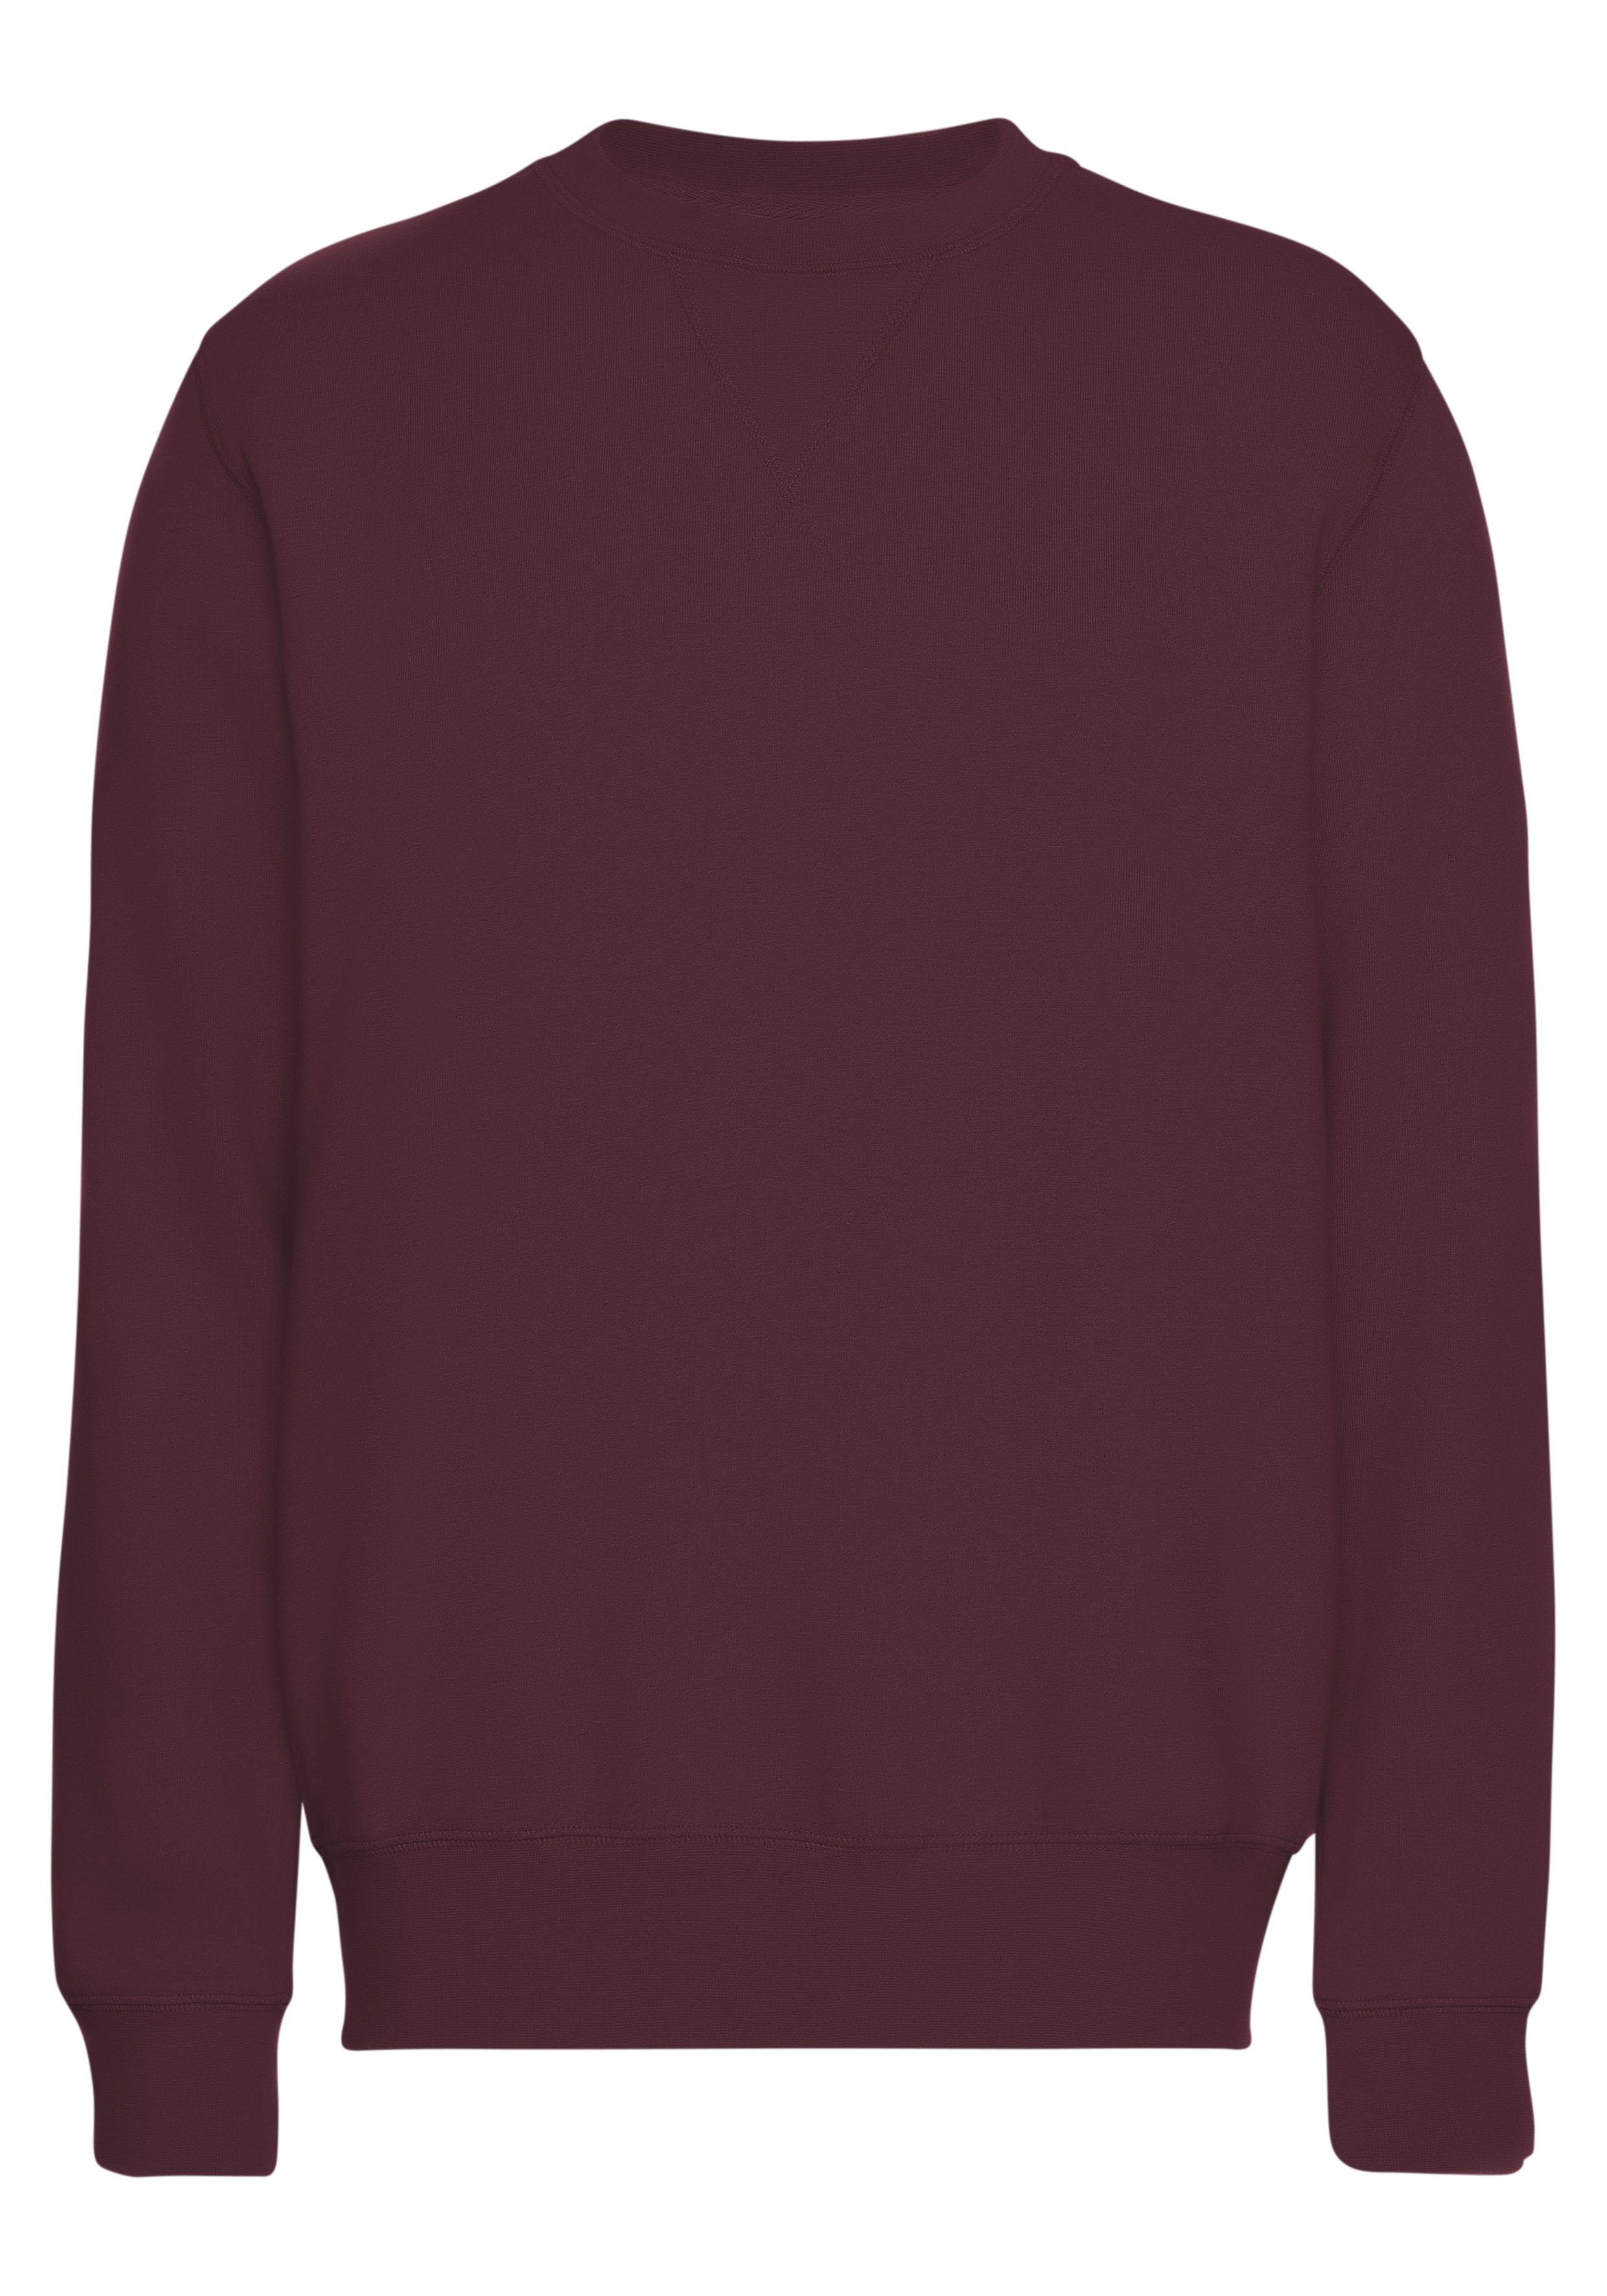 otto products -  Sweatshirt aus nachhaltiger Bio-Baumwolle